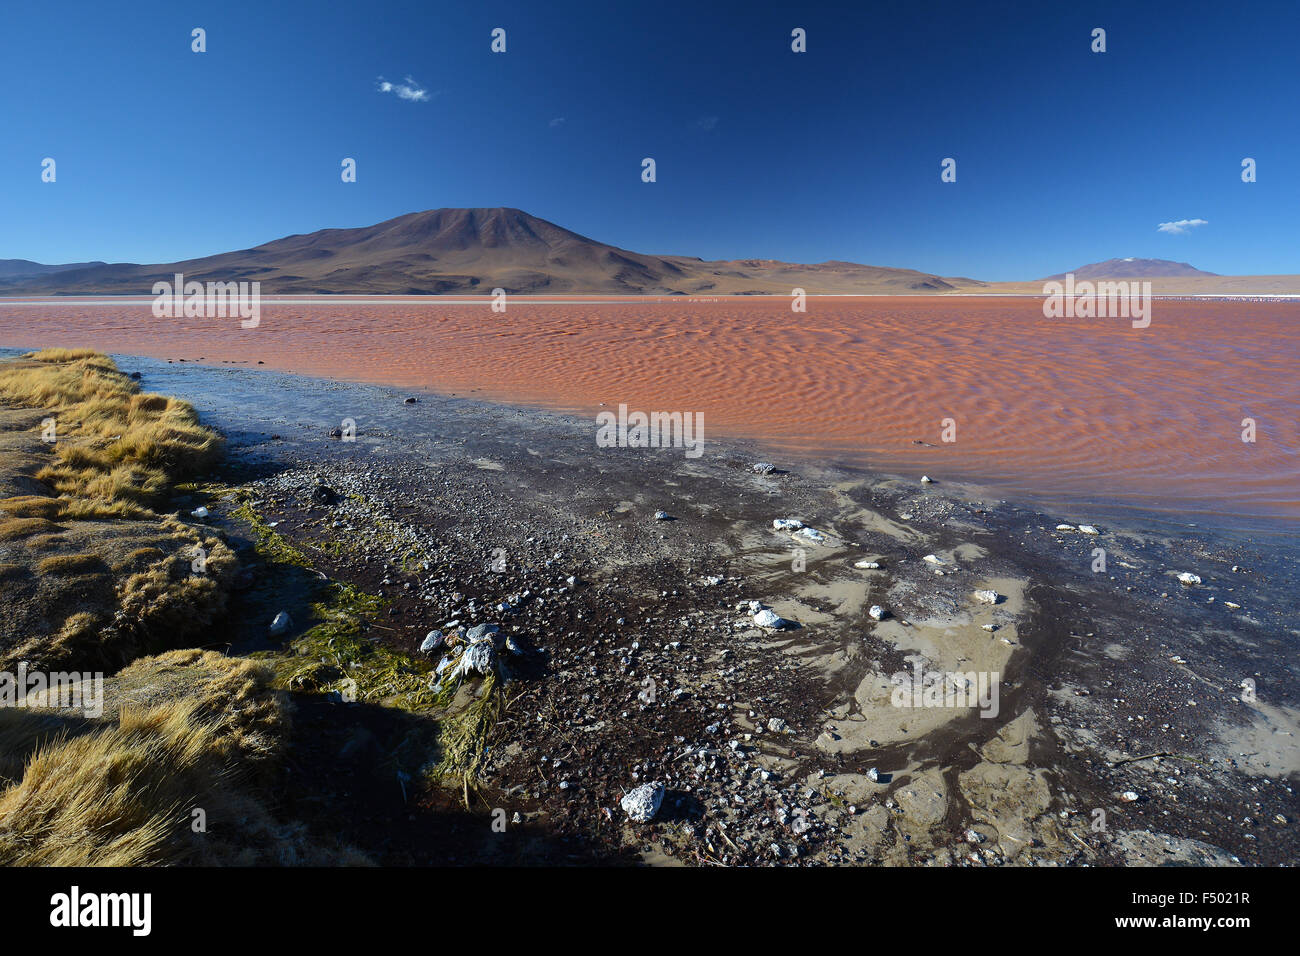 La laguna colorada avec de l'eau rouge à cause d'une forte teneur en algues, à Uyuni, lipez, Bolivie Photo Stock